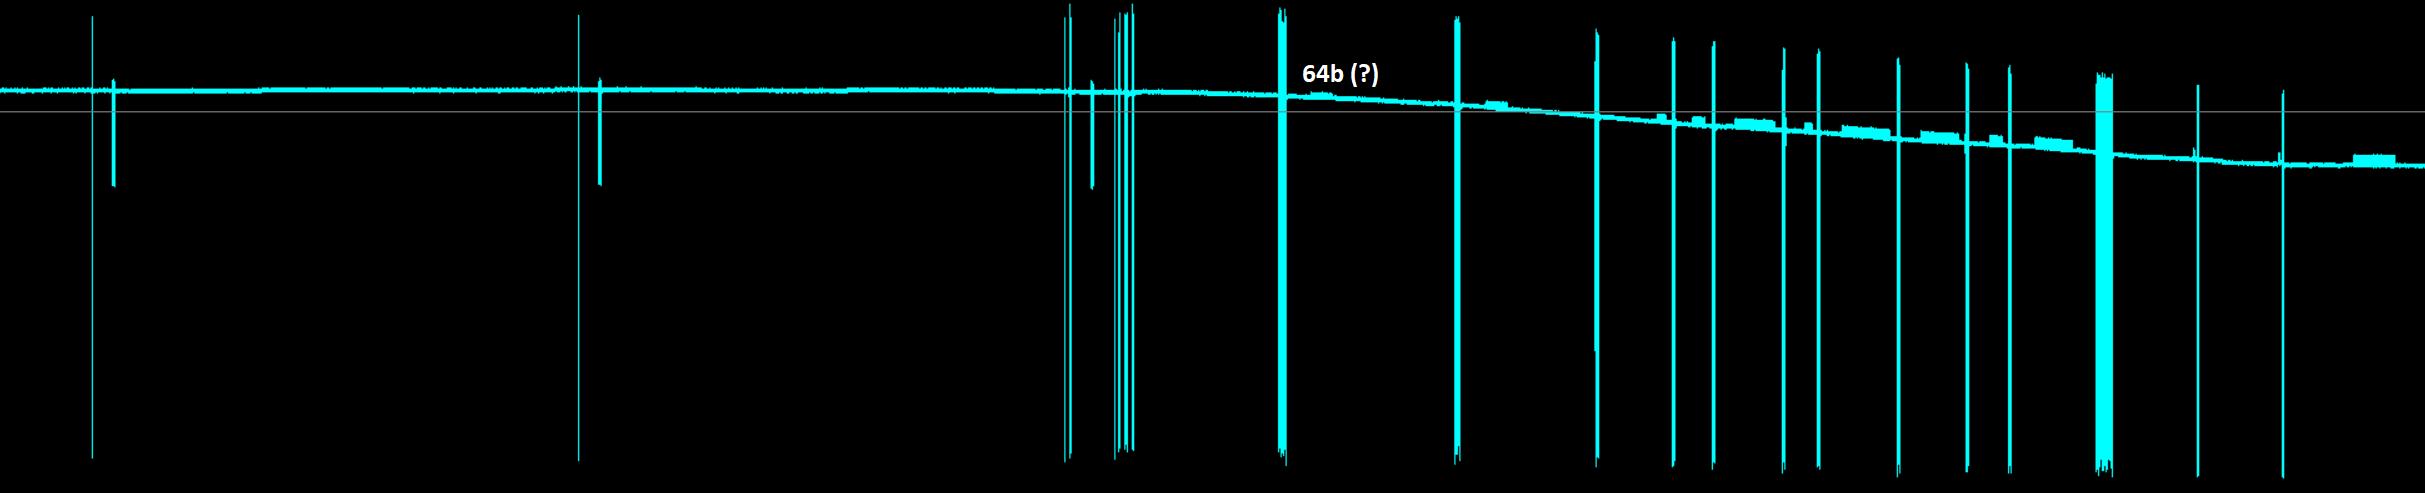 Принимаем и анализируем радиосигнал платежного терминала с помощью SDR - 5